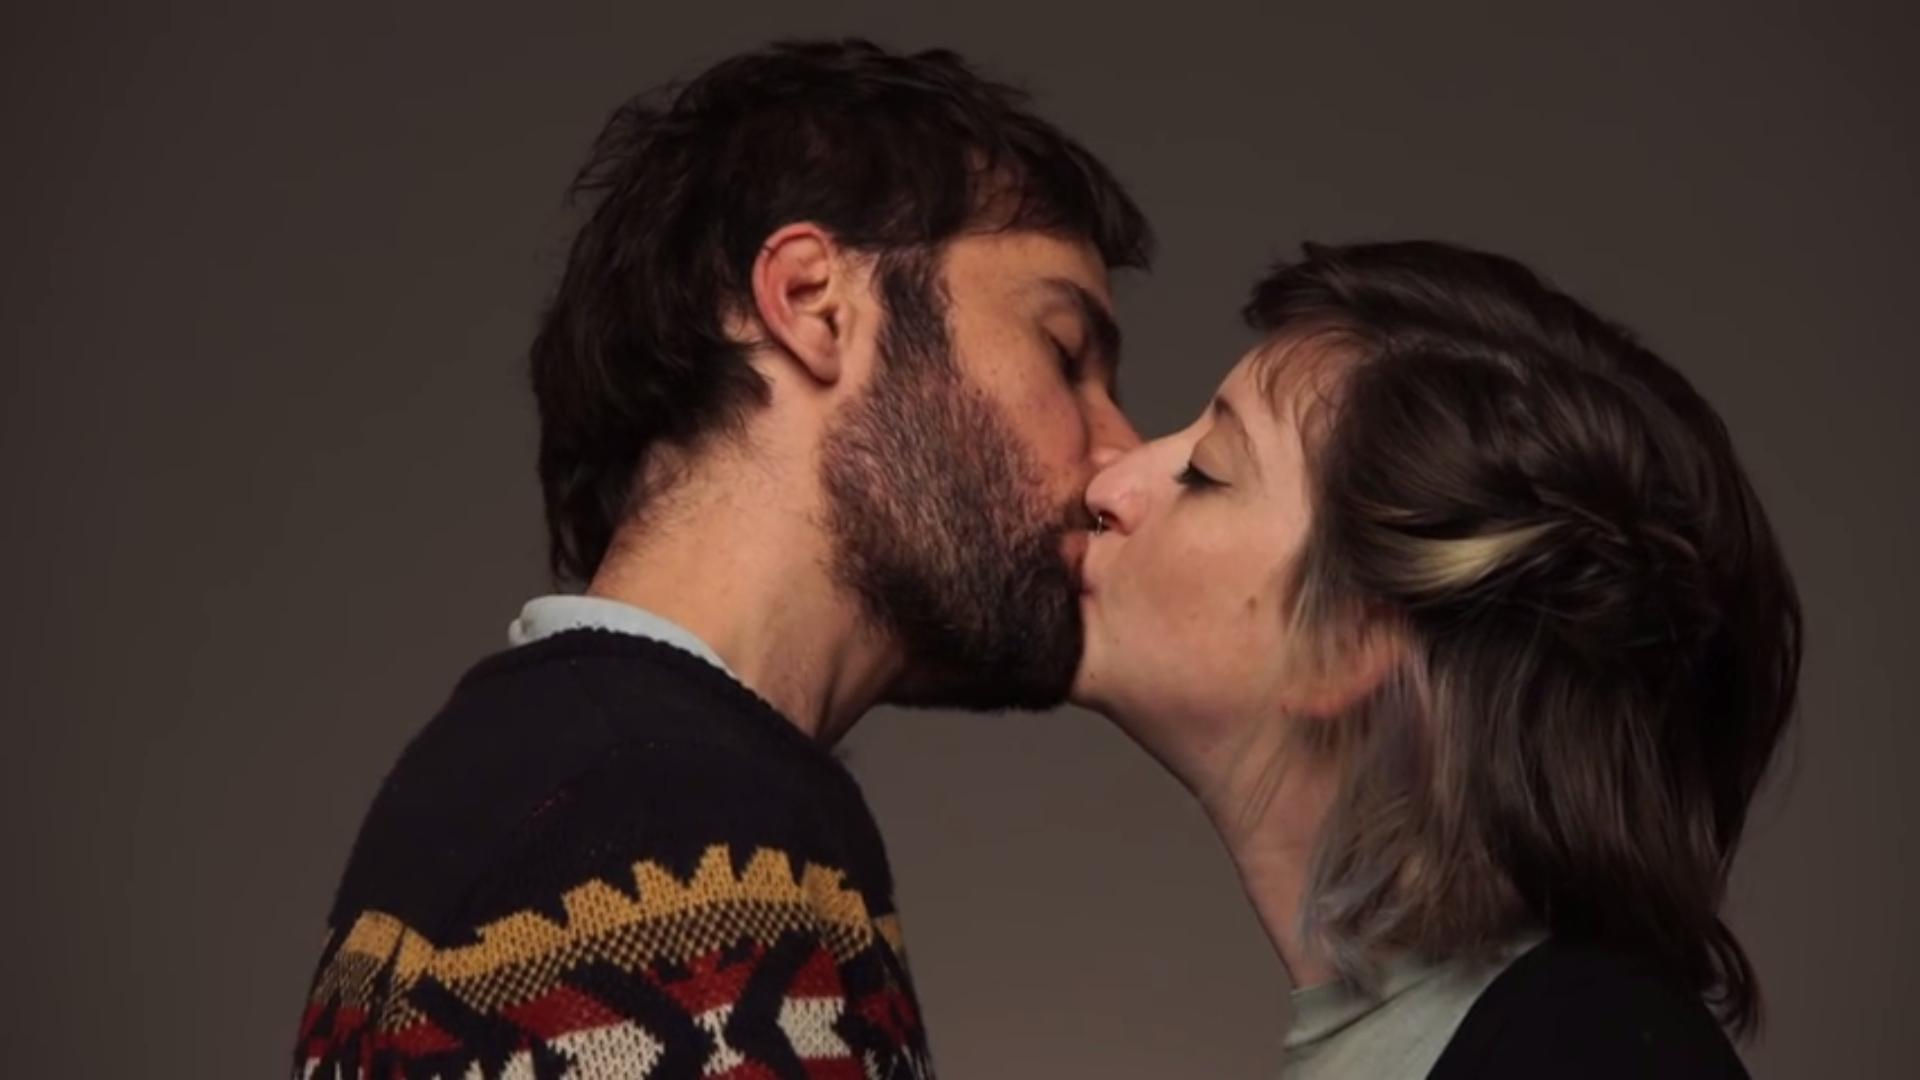 First Kiss zwischen Juden und Arabern